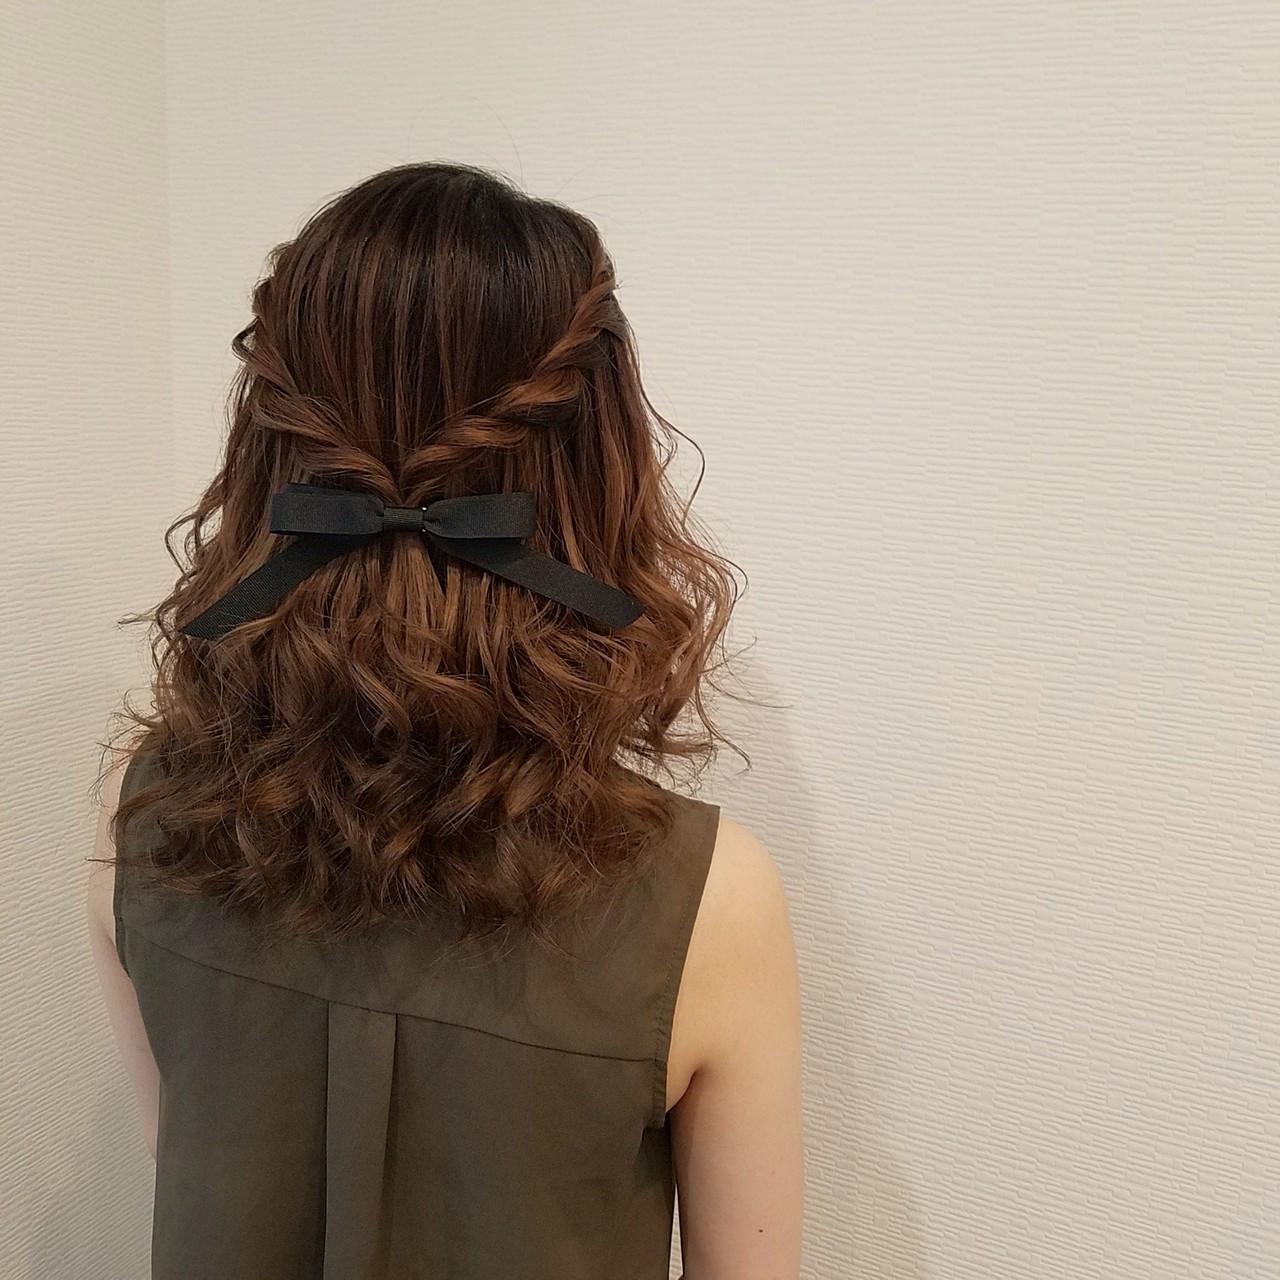 ハーフアップ ミディアム フェミニン ねじり ヘアスタイルや髪型の写真・画像